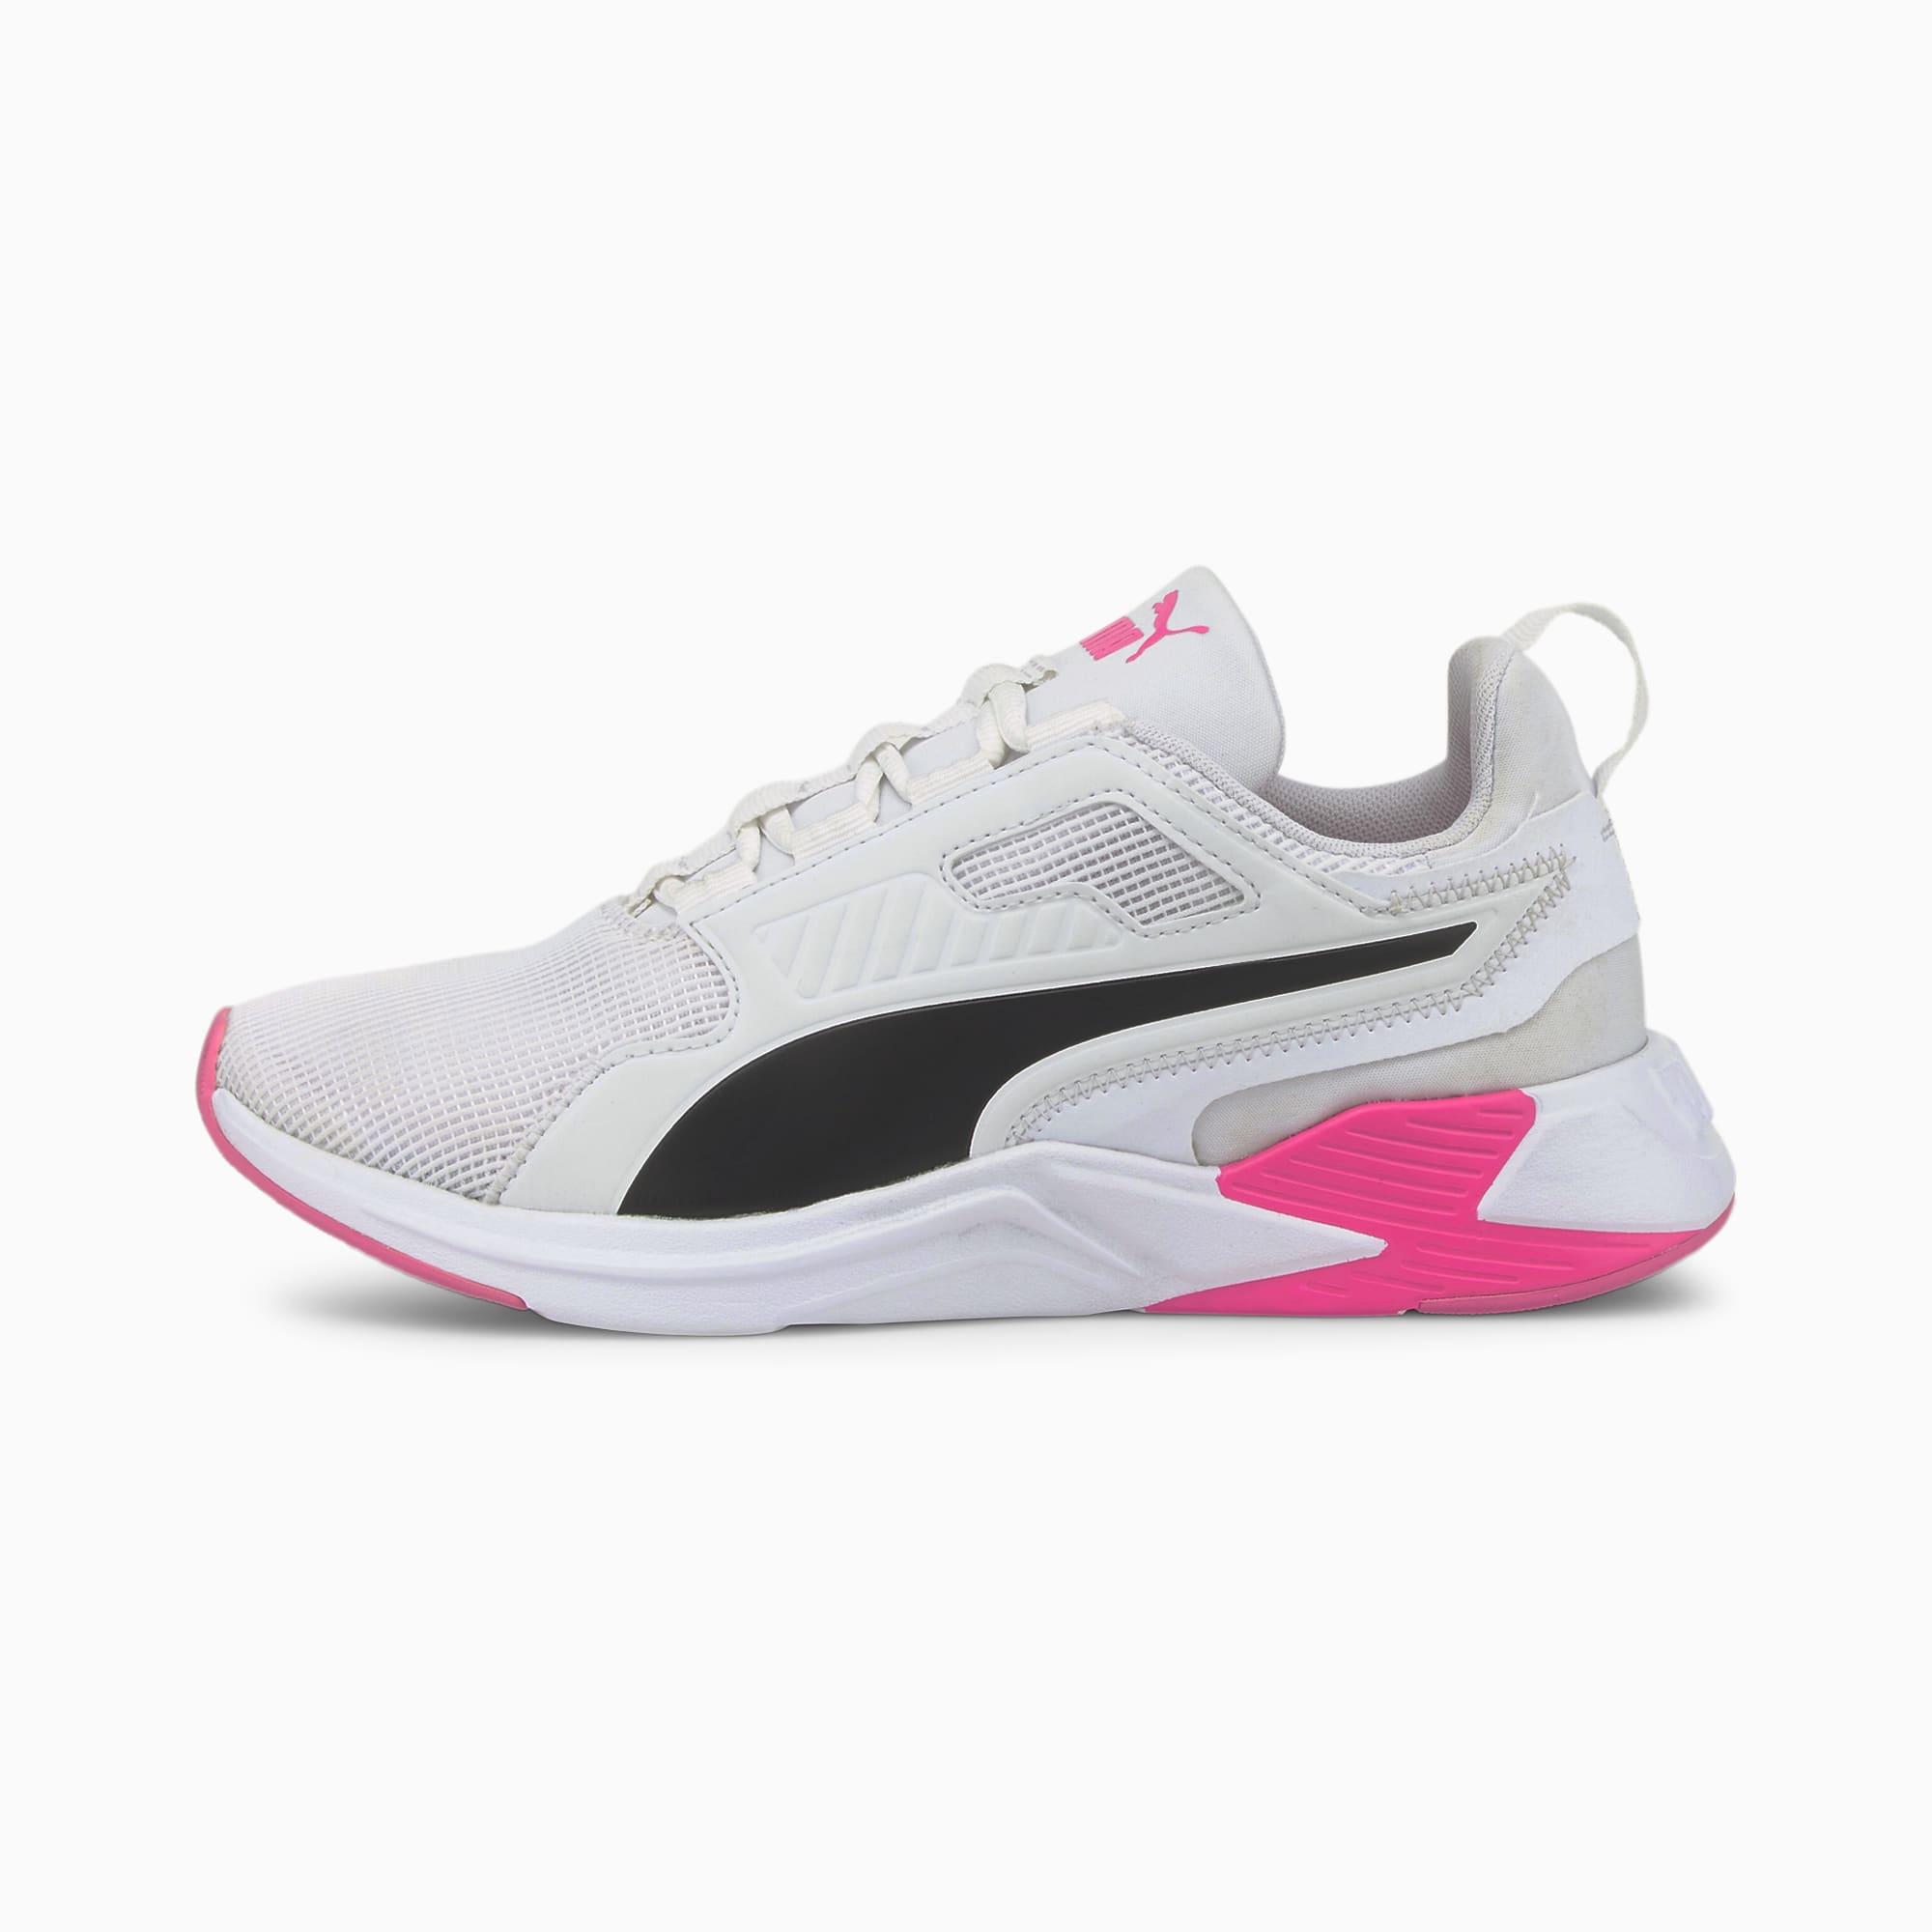 Disperse XT Women's Training Shoes